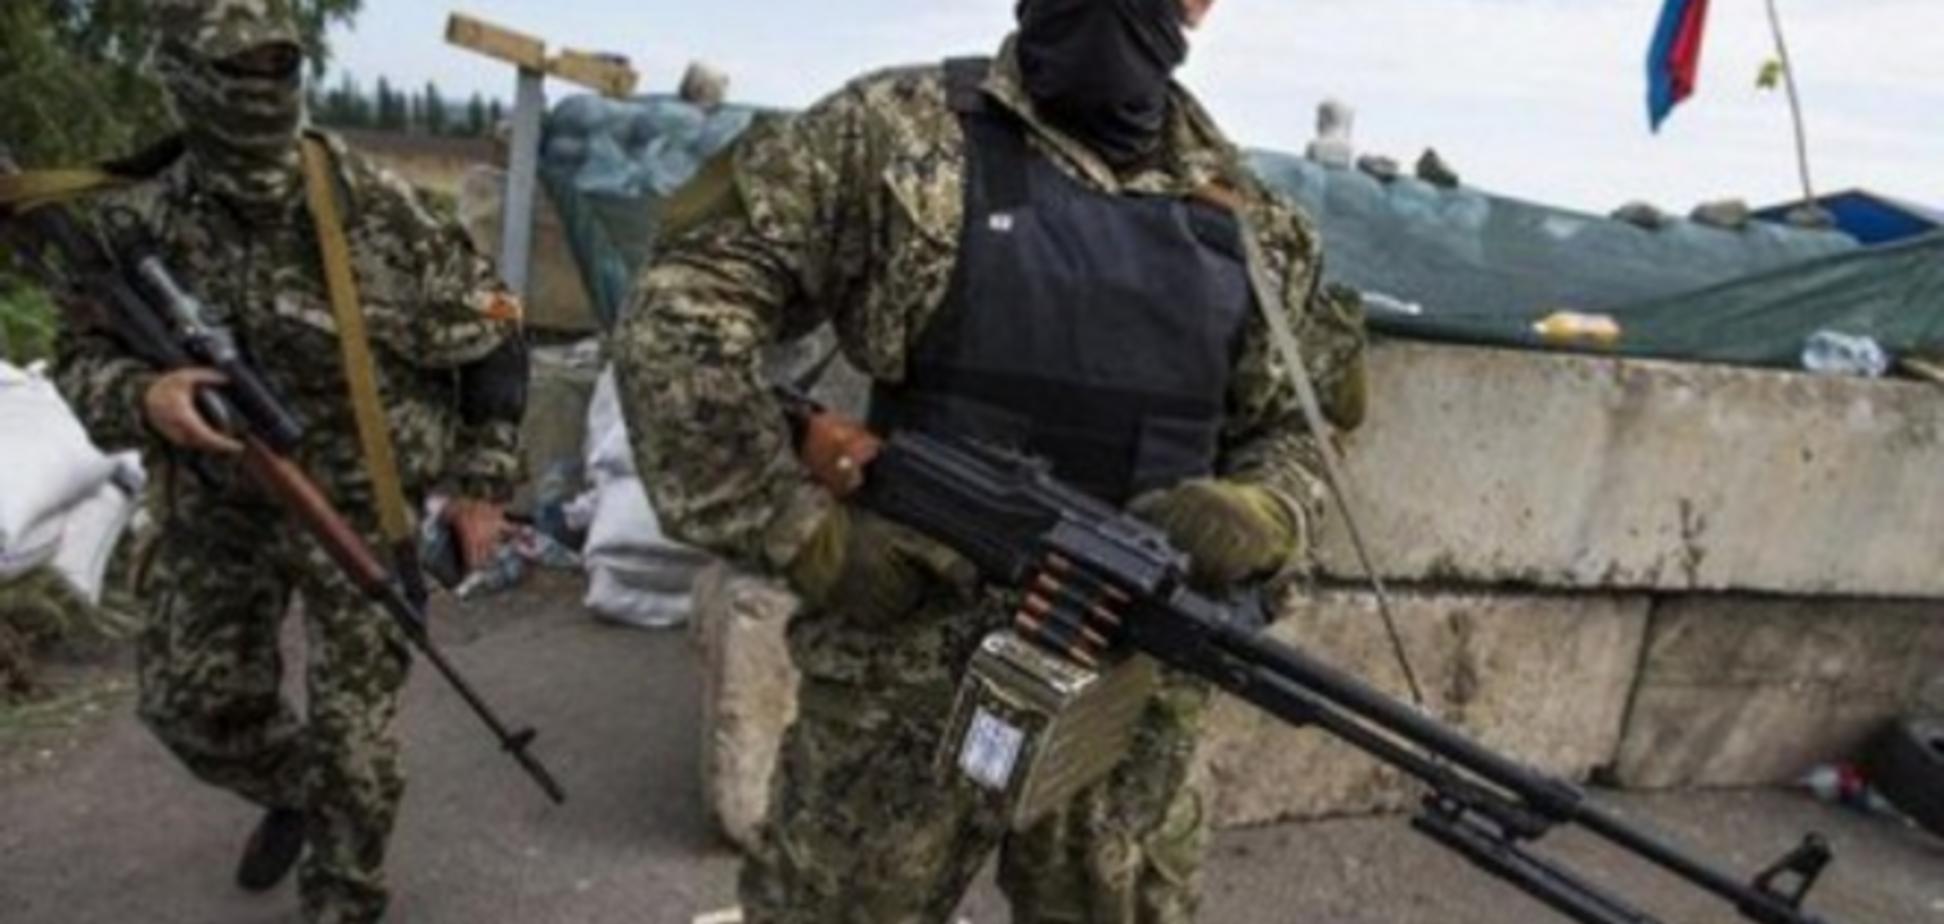 На Луганщине террористы обесточили село и убили украинского военного